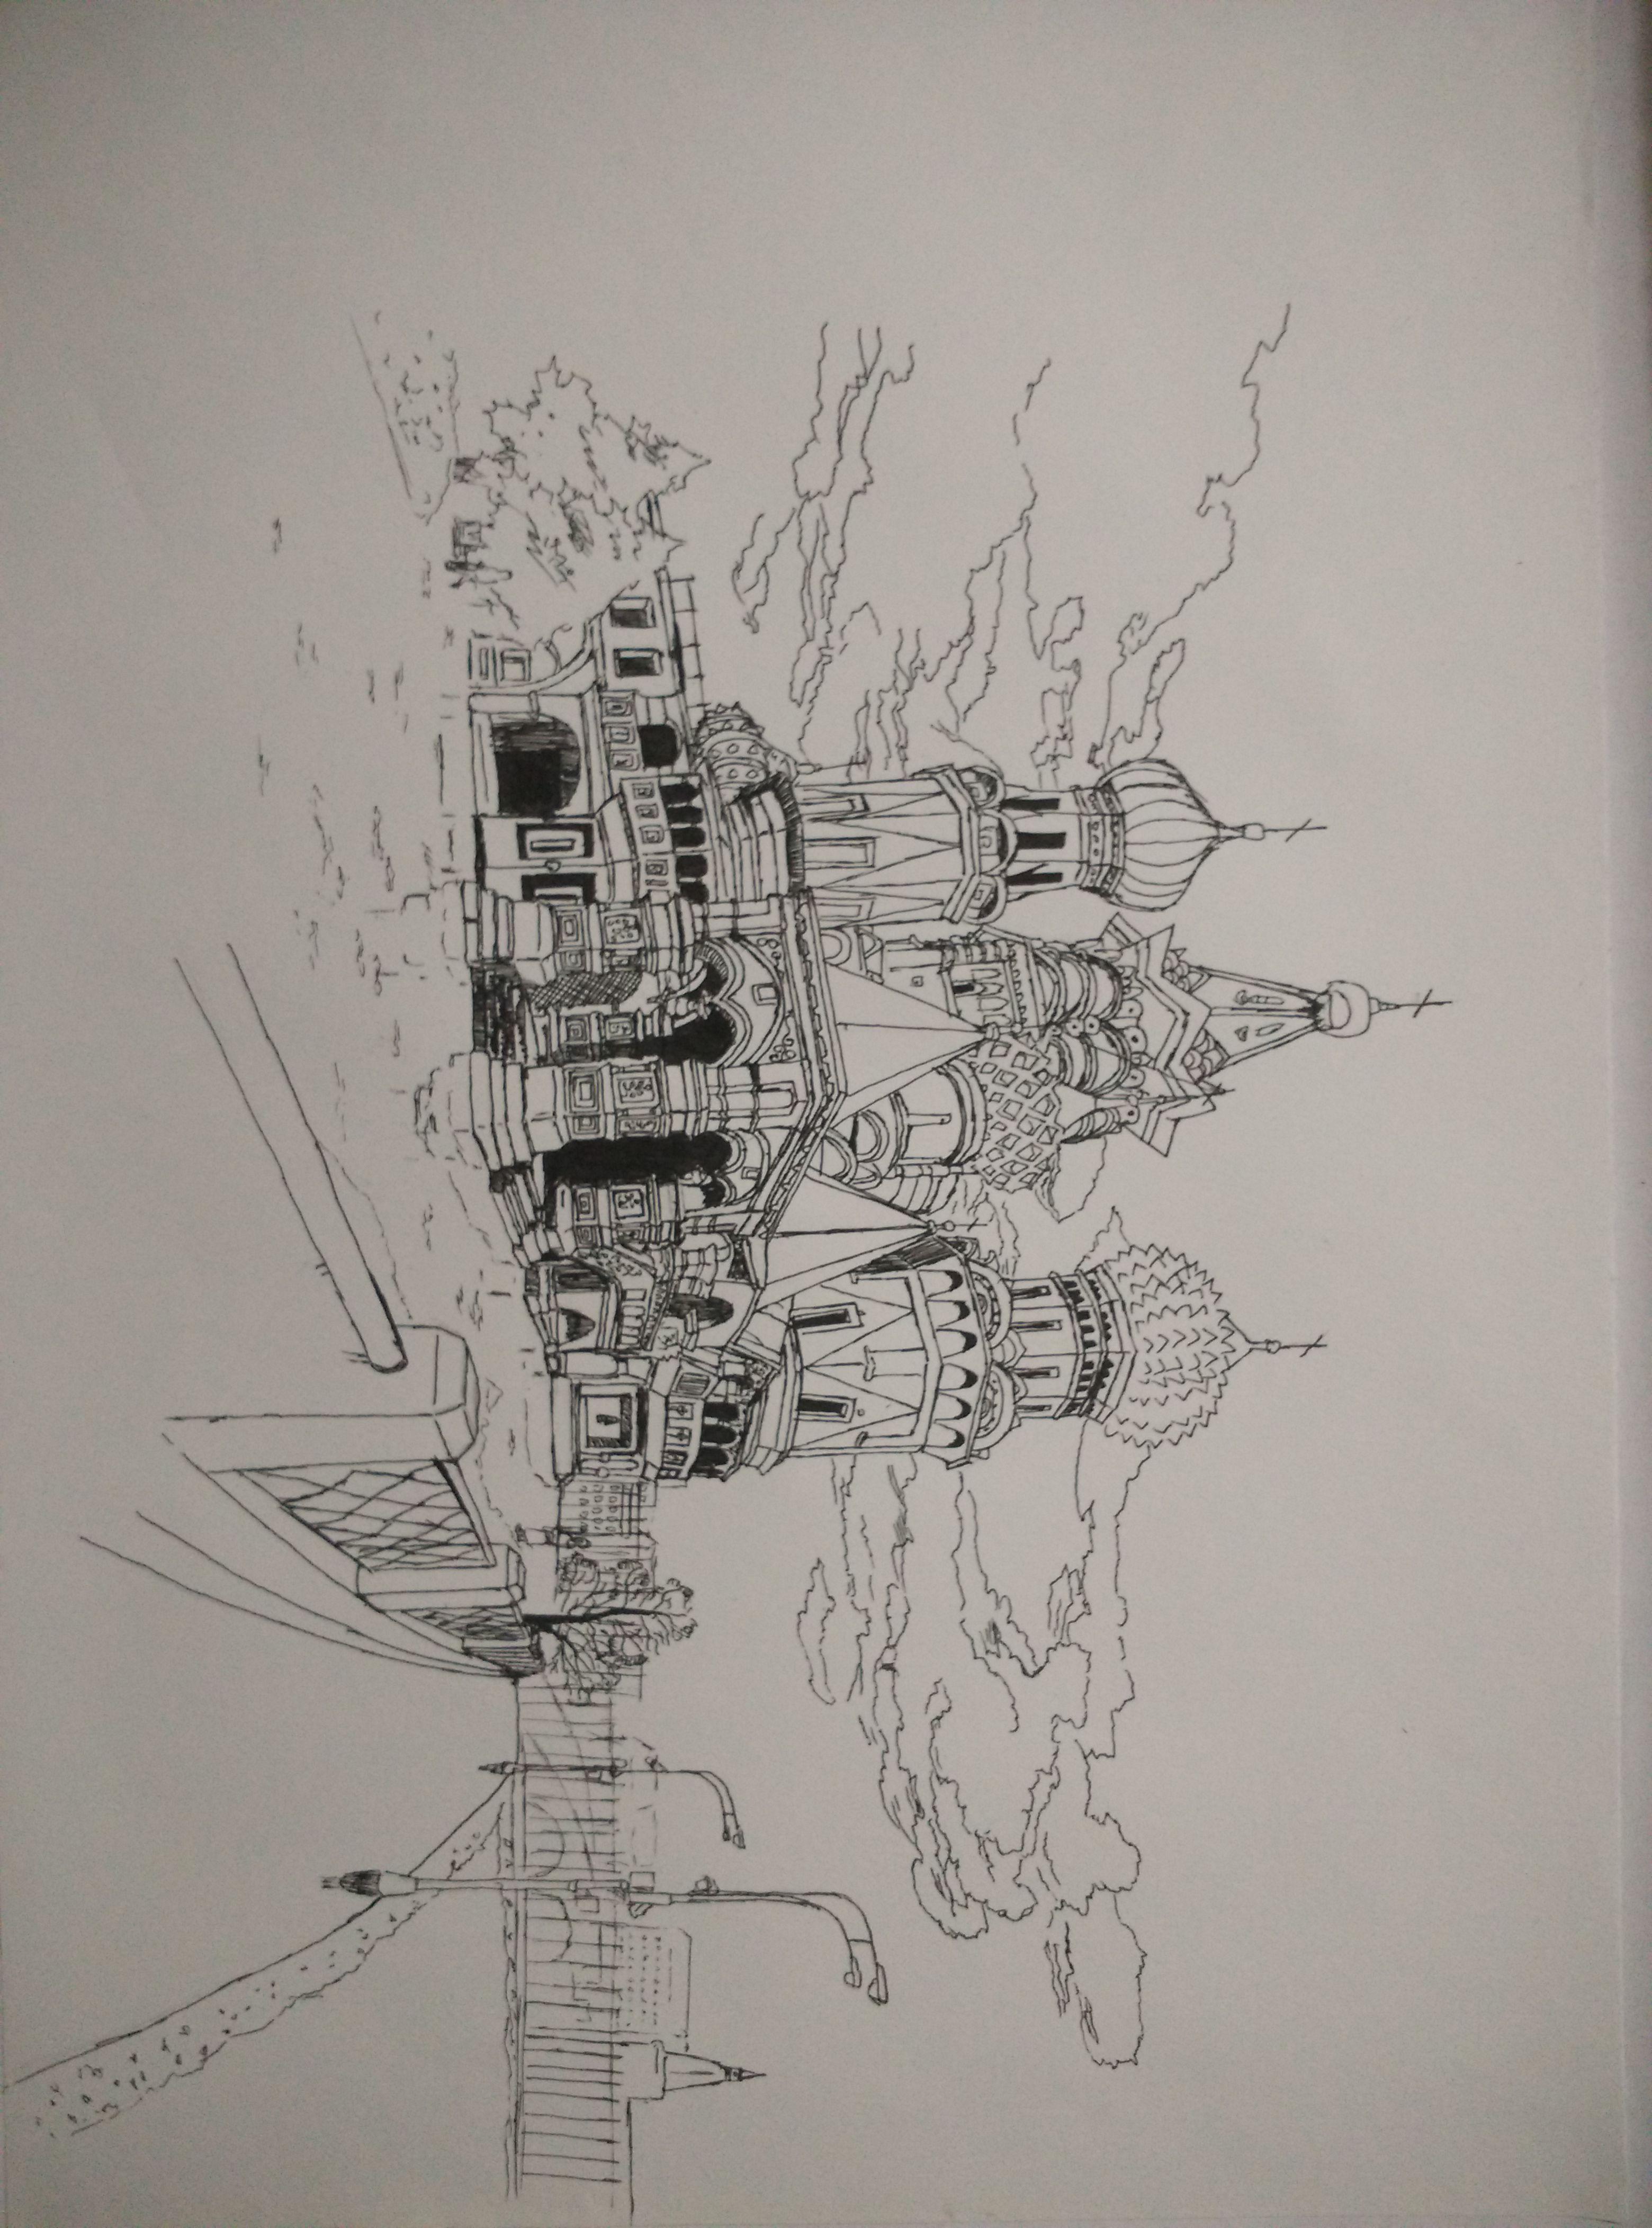 求建筑速写图片,越多越好,最好是钢笔速写,最好简单一